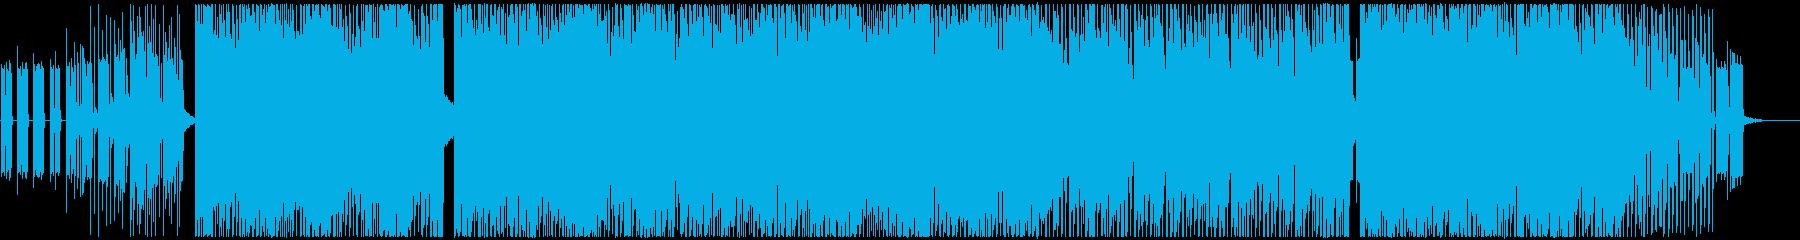 サイケデリックなトランス・レイヴの再生済みの波形